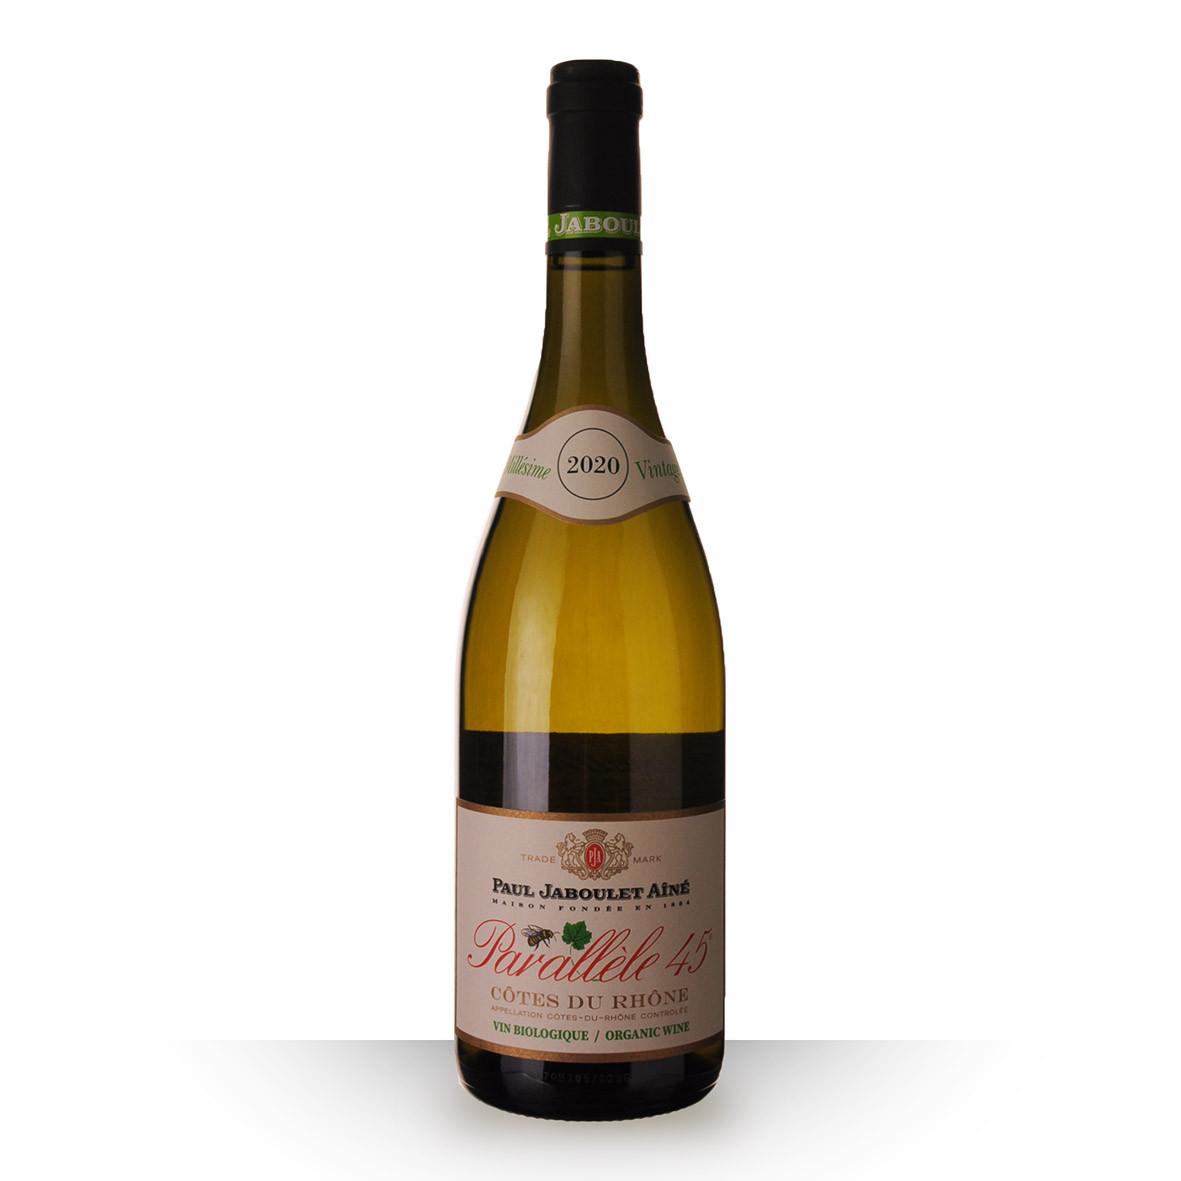 Paul Jaboulet Aîné Parallèle 45 Bio Côtes du Rhône Blanc 2020 75cl www.odyssee-vins.com